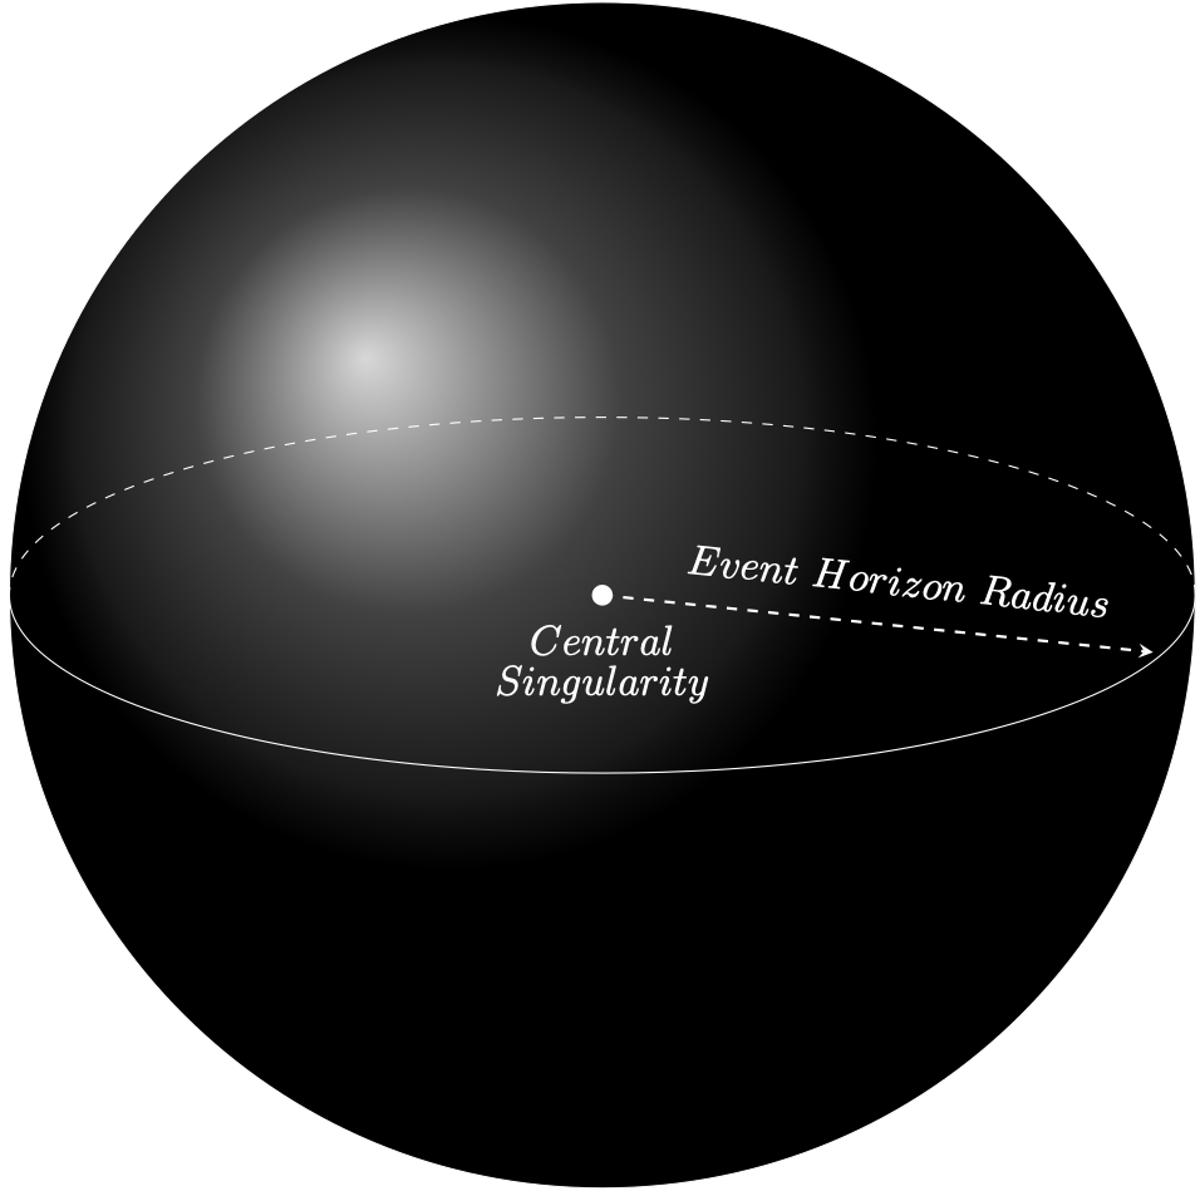 La distance entre le centre de masse d'un trou noir et l'endroit où l'attraction de la gravité est trop forte pour être surmontée s'appelle l'horizon des événements.